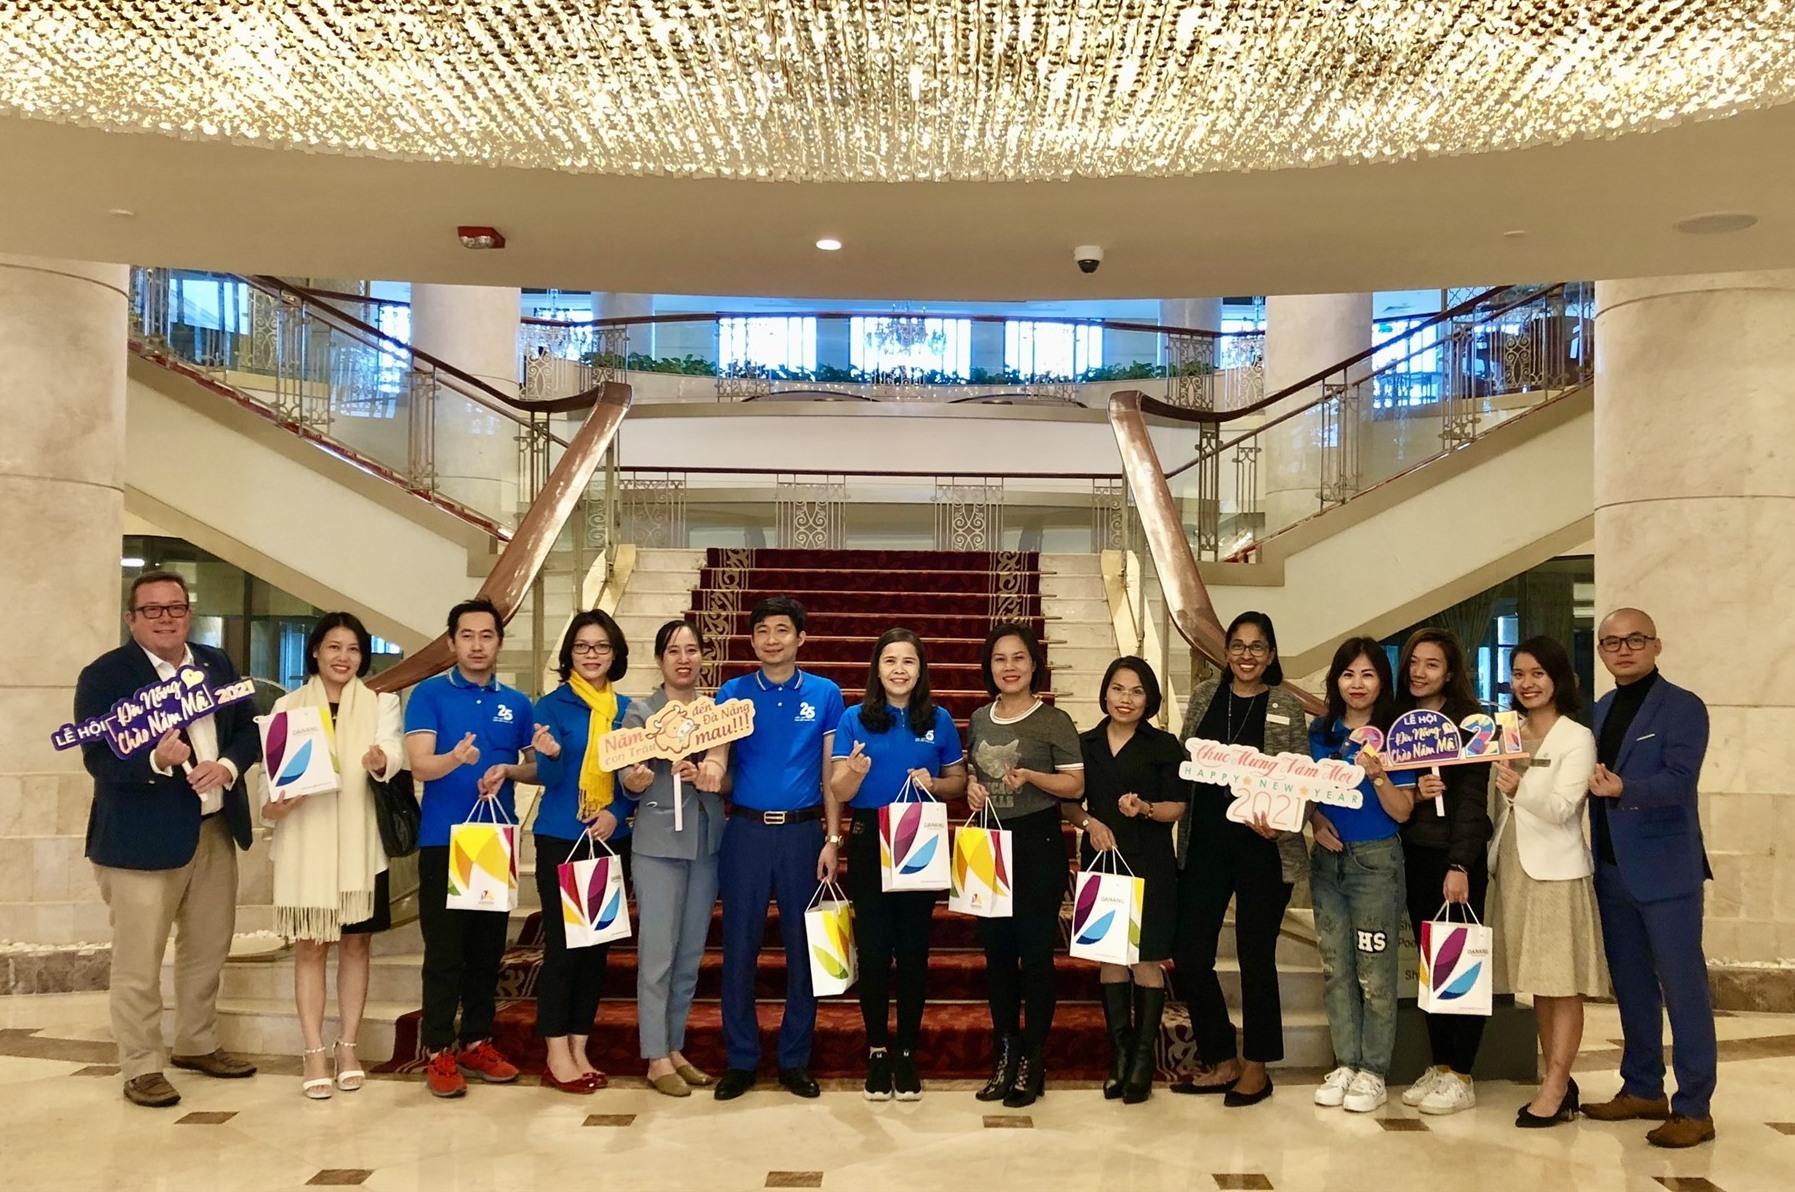 Mice.jpg - Gần 1.000 khách của Bảo Việt Nhân Thọ đến Đà Nẵng báo hiệu xu hướng du lịch công vụ (MICE) đang tăng mạnh. Ảnh Văn sanh